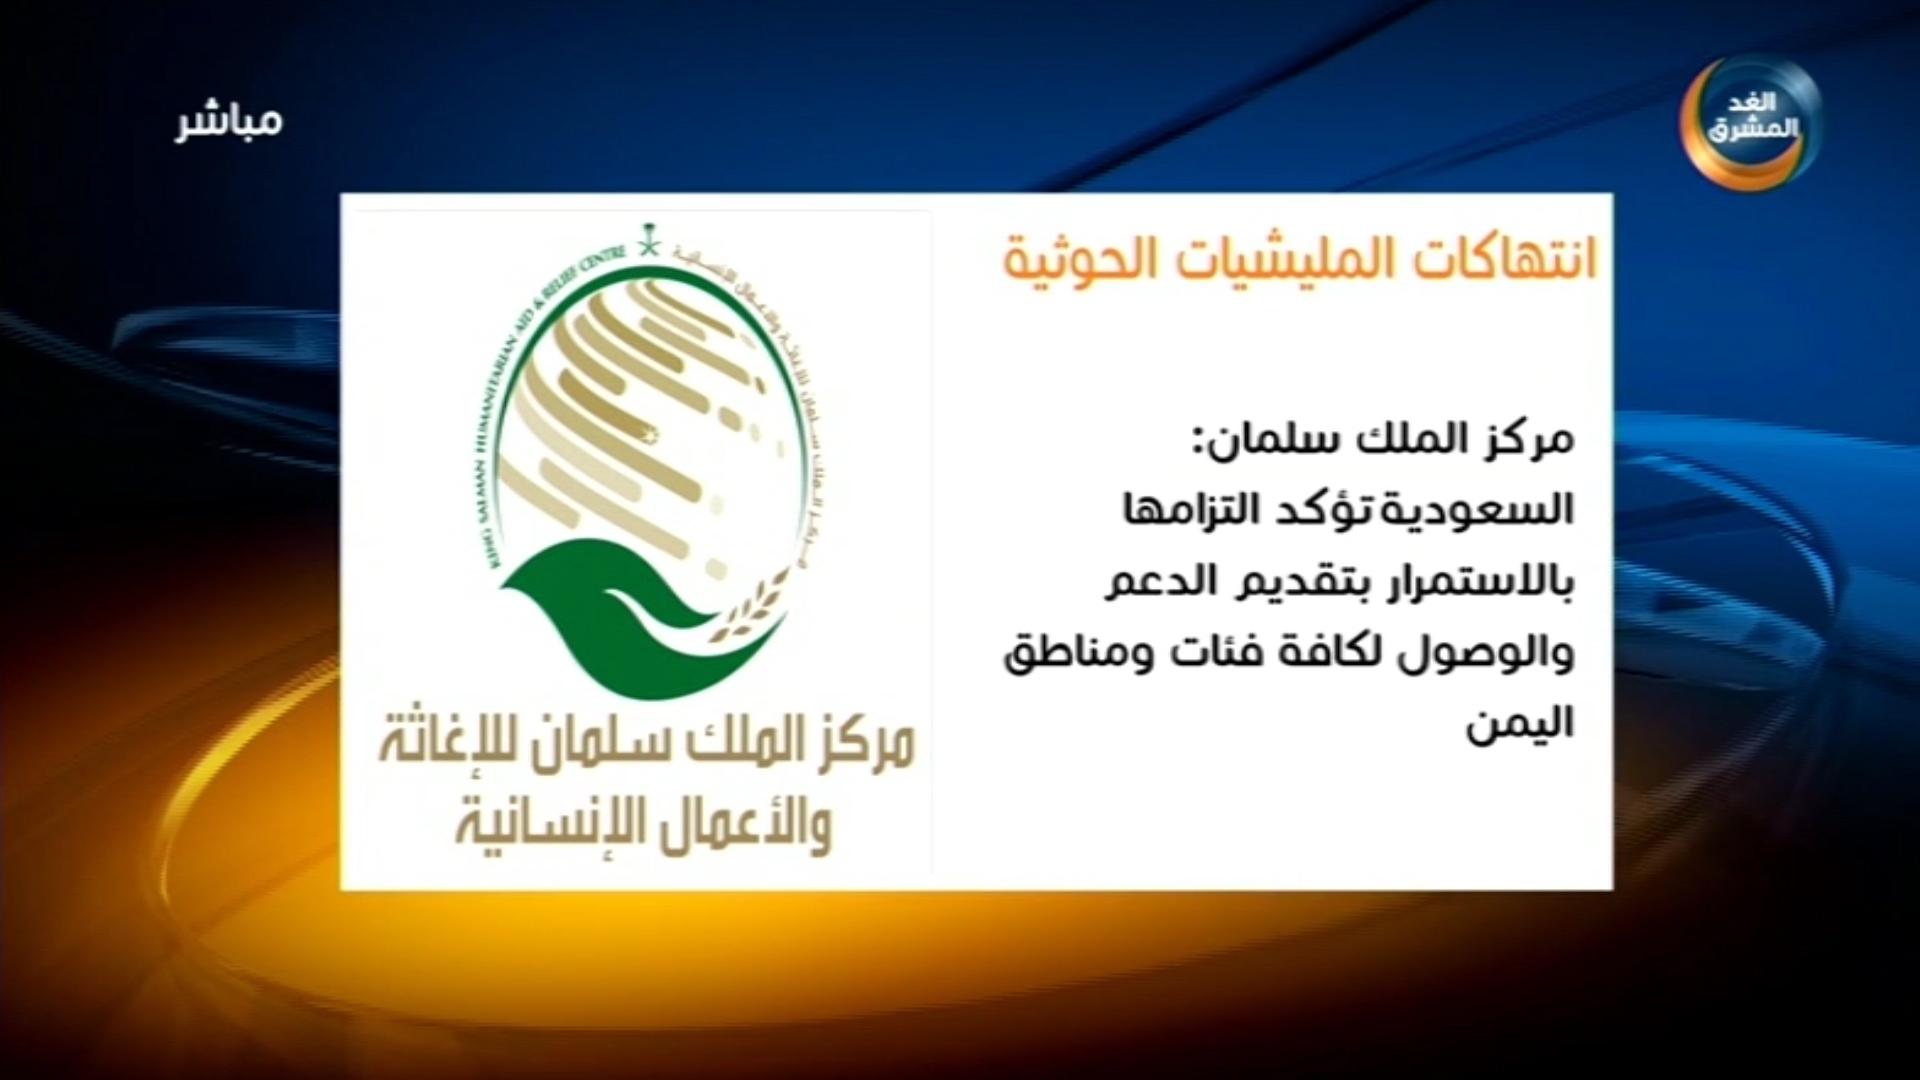 الملك سلمان للإغاثة يدين نهب المليشيا الانقلابية مستودعات برنامج